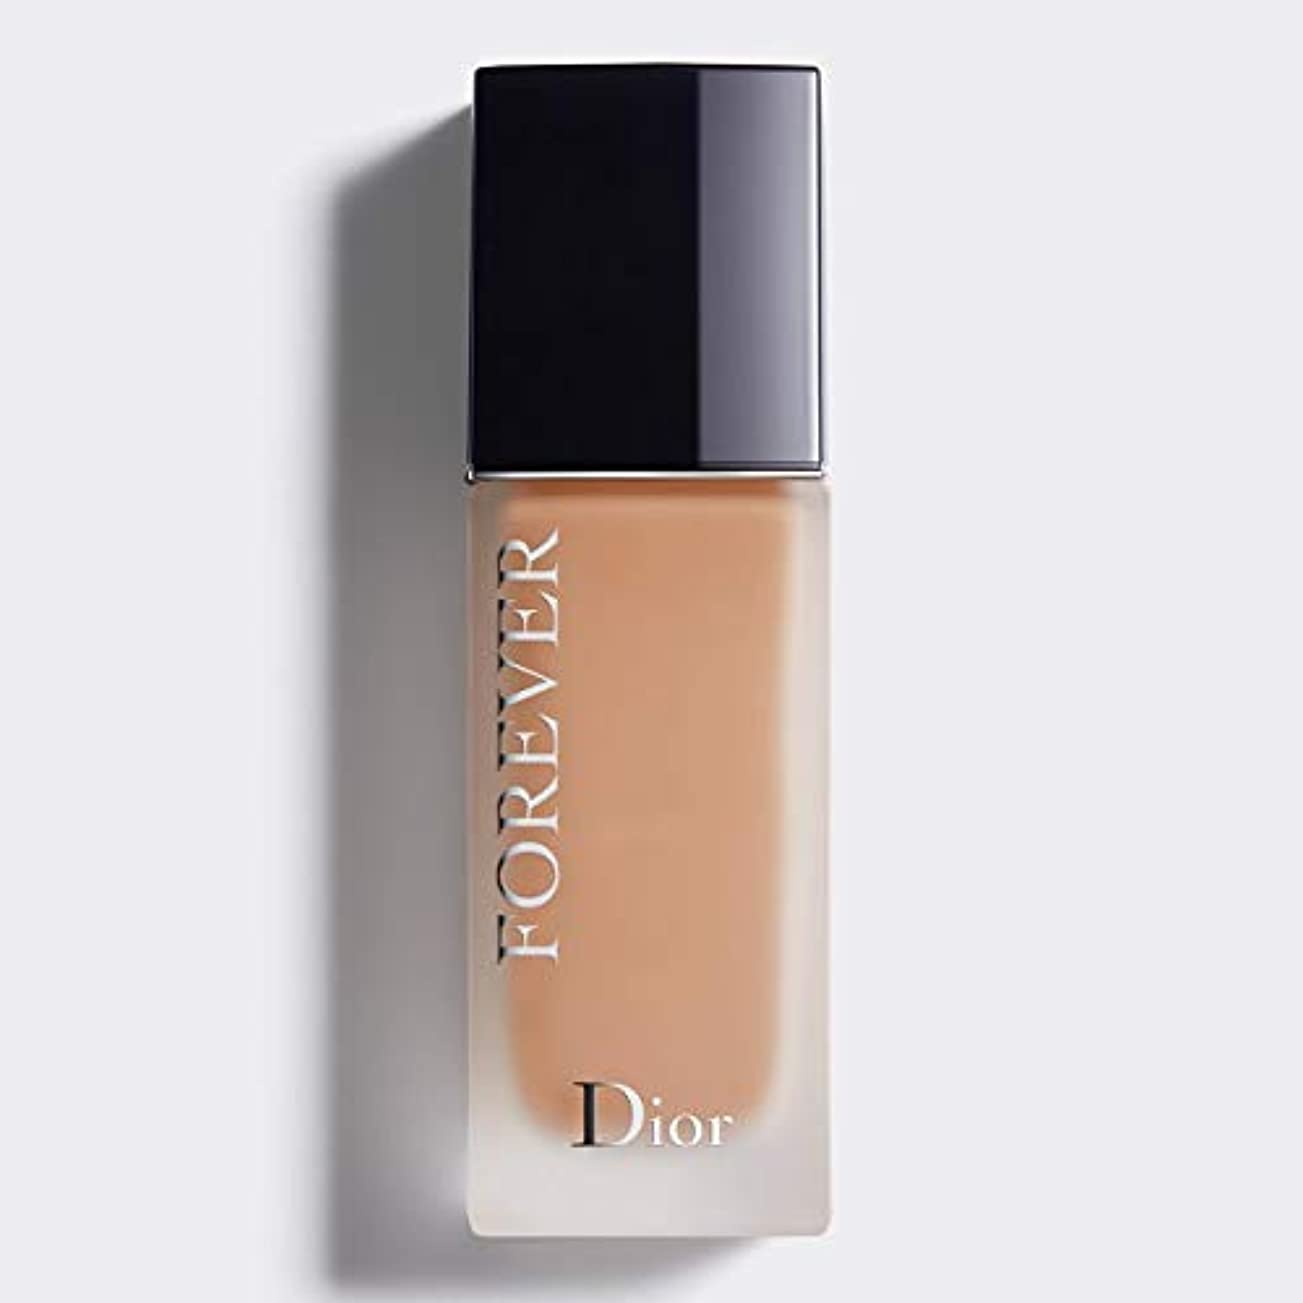 鹿非アクティブ実行クリスチャンディオール Dior Forever 24H Wear High Perfection Foundation SPF 35 - # 3WP (Warm Peach) 30ml/1oz並行輸入品